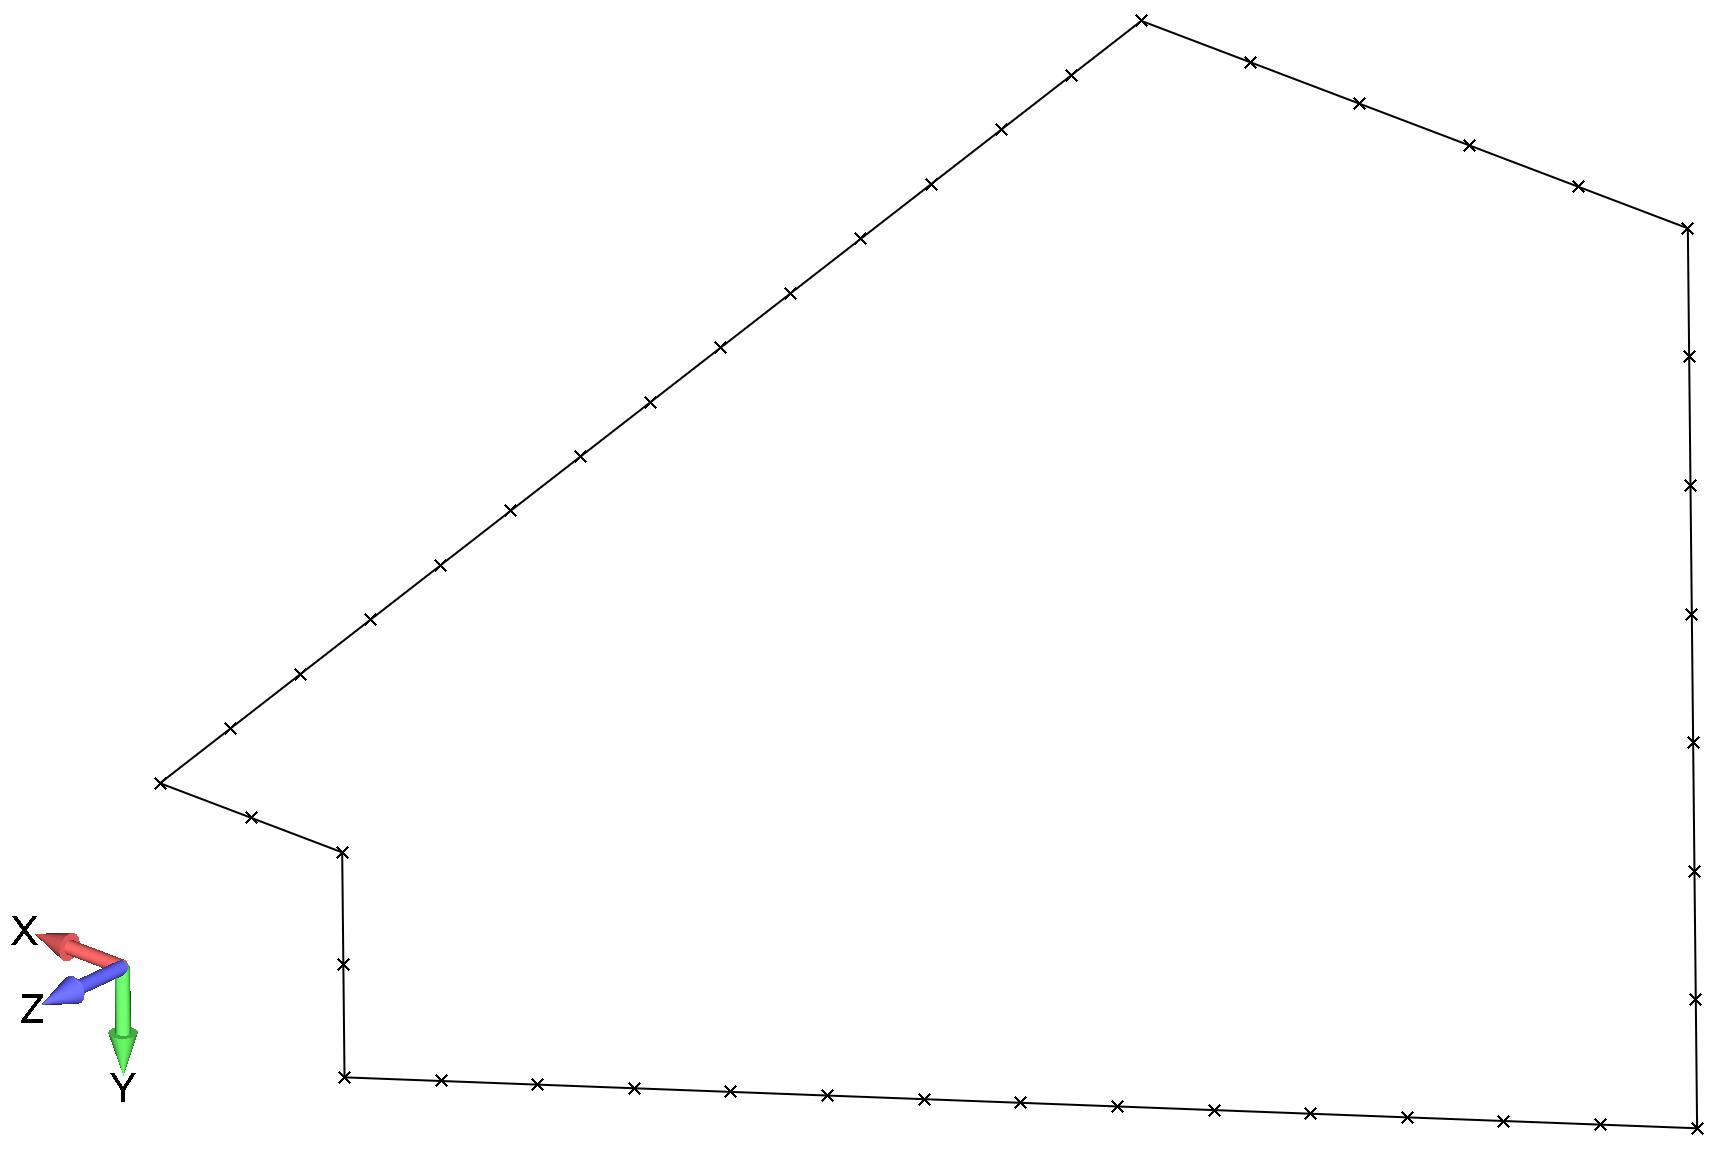 Femap Отображение свободных граней конечных элементов модели после объединения узлов командой